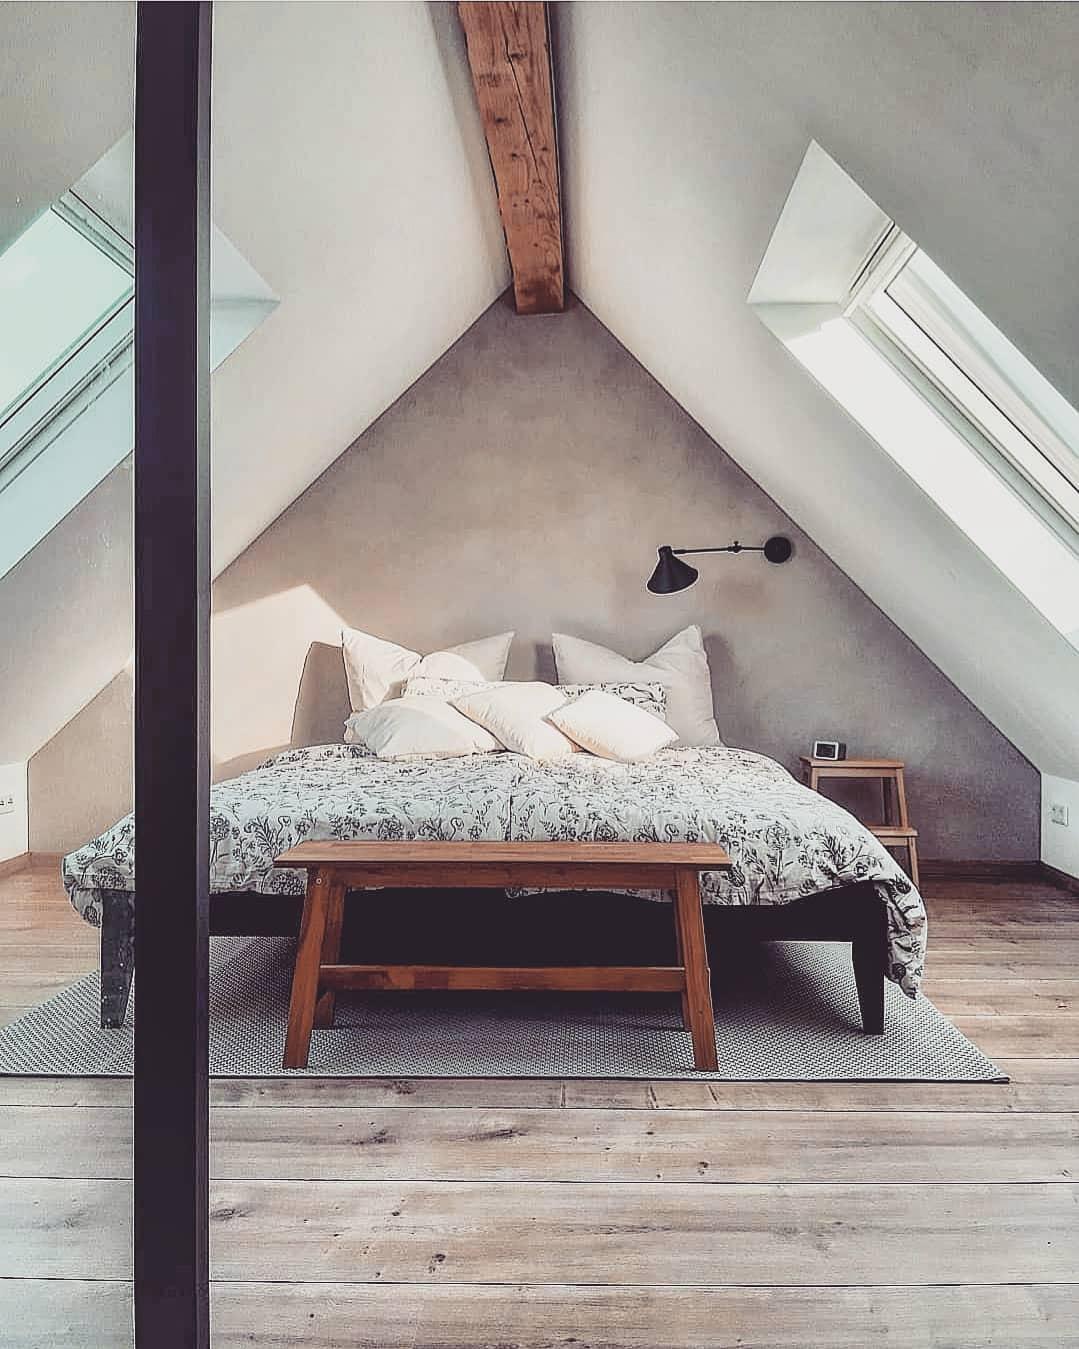 Dachboden Bilder Ideen Couch